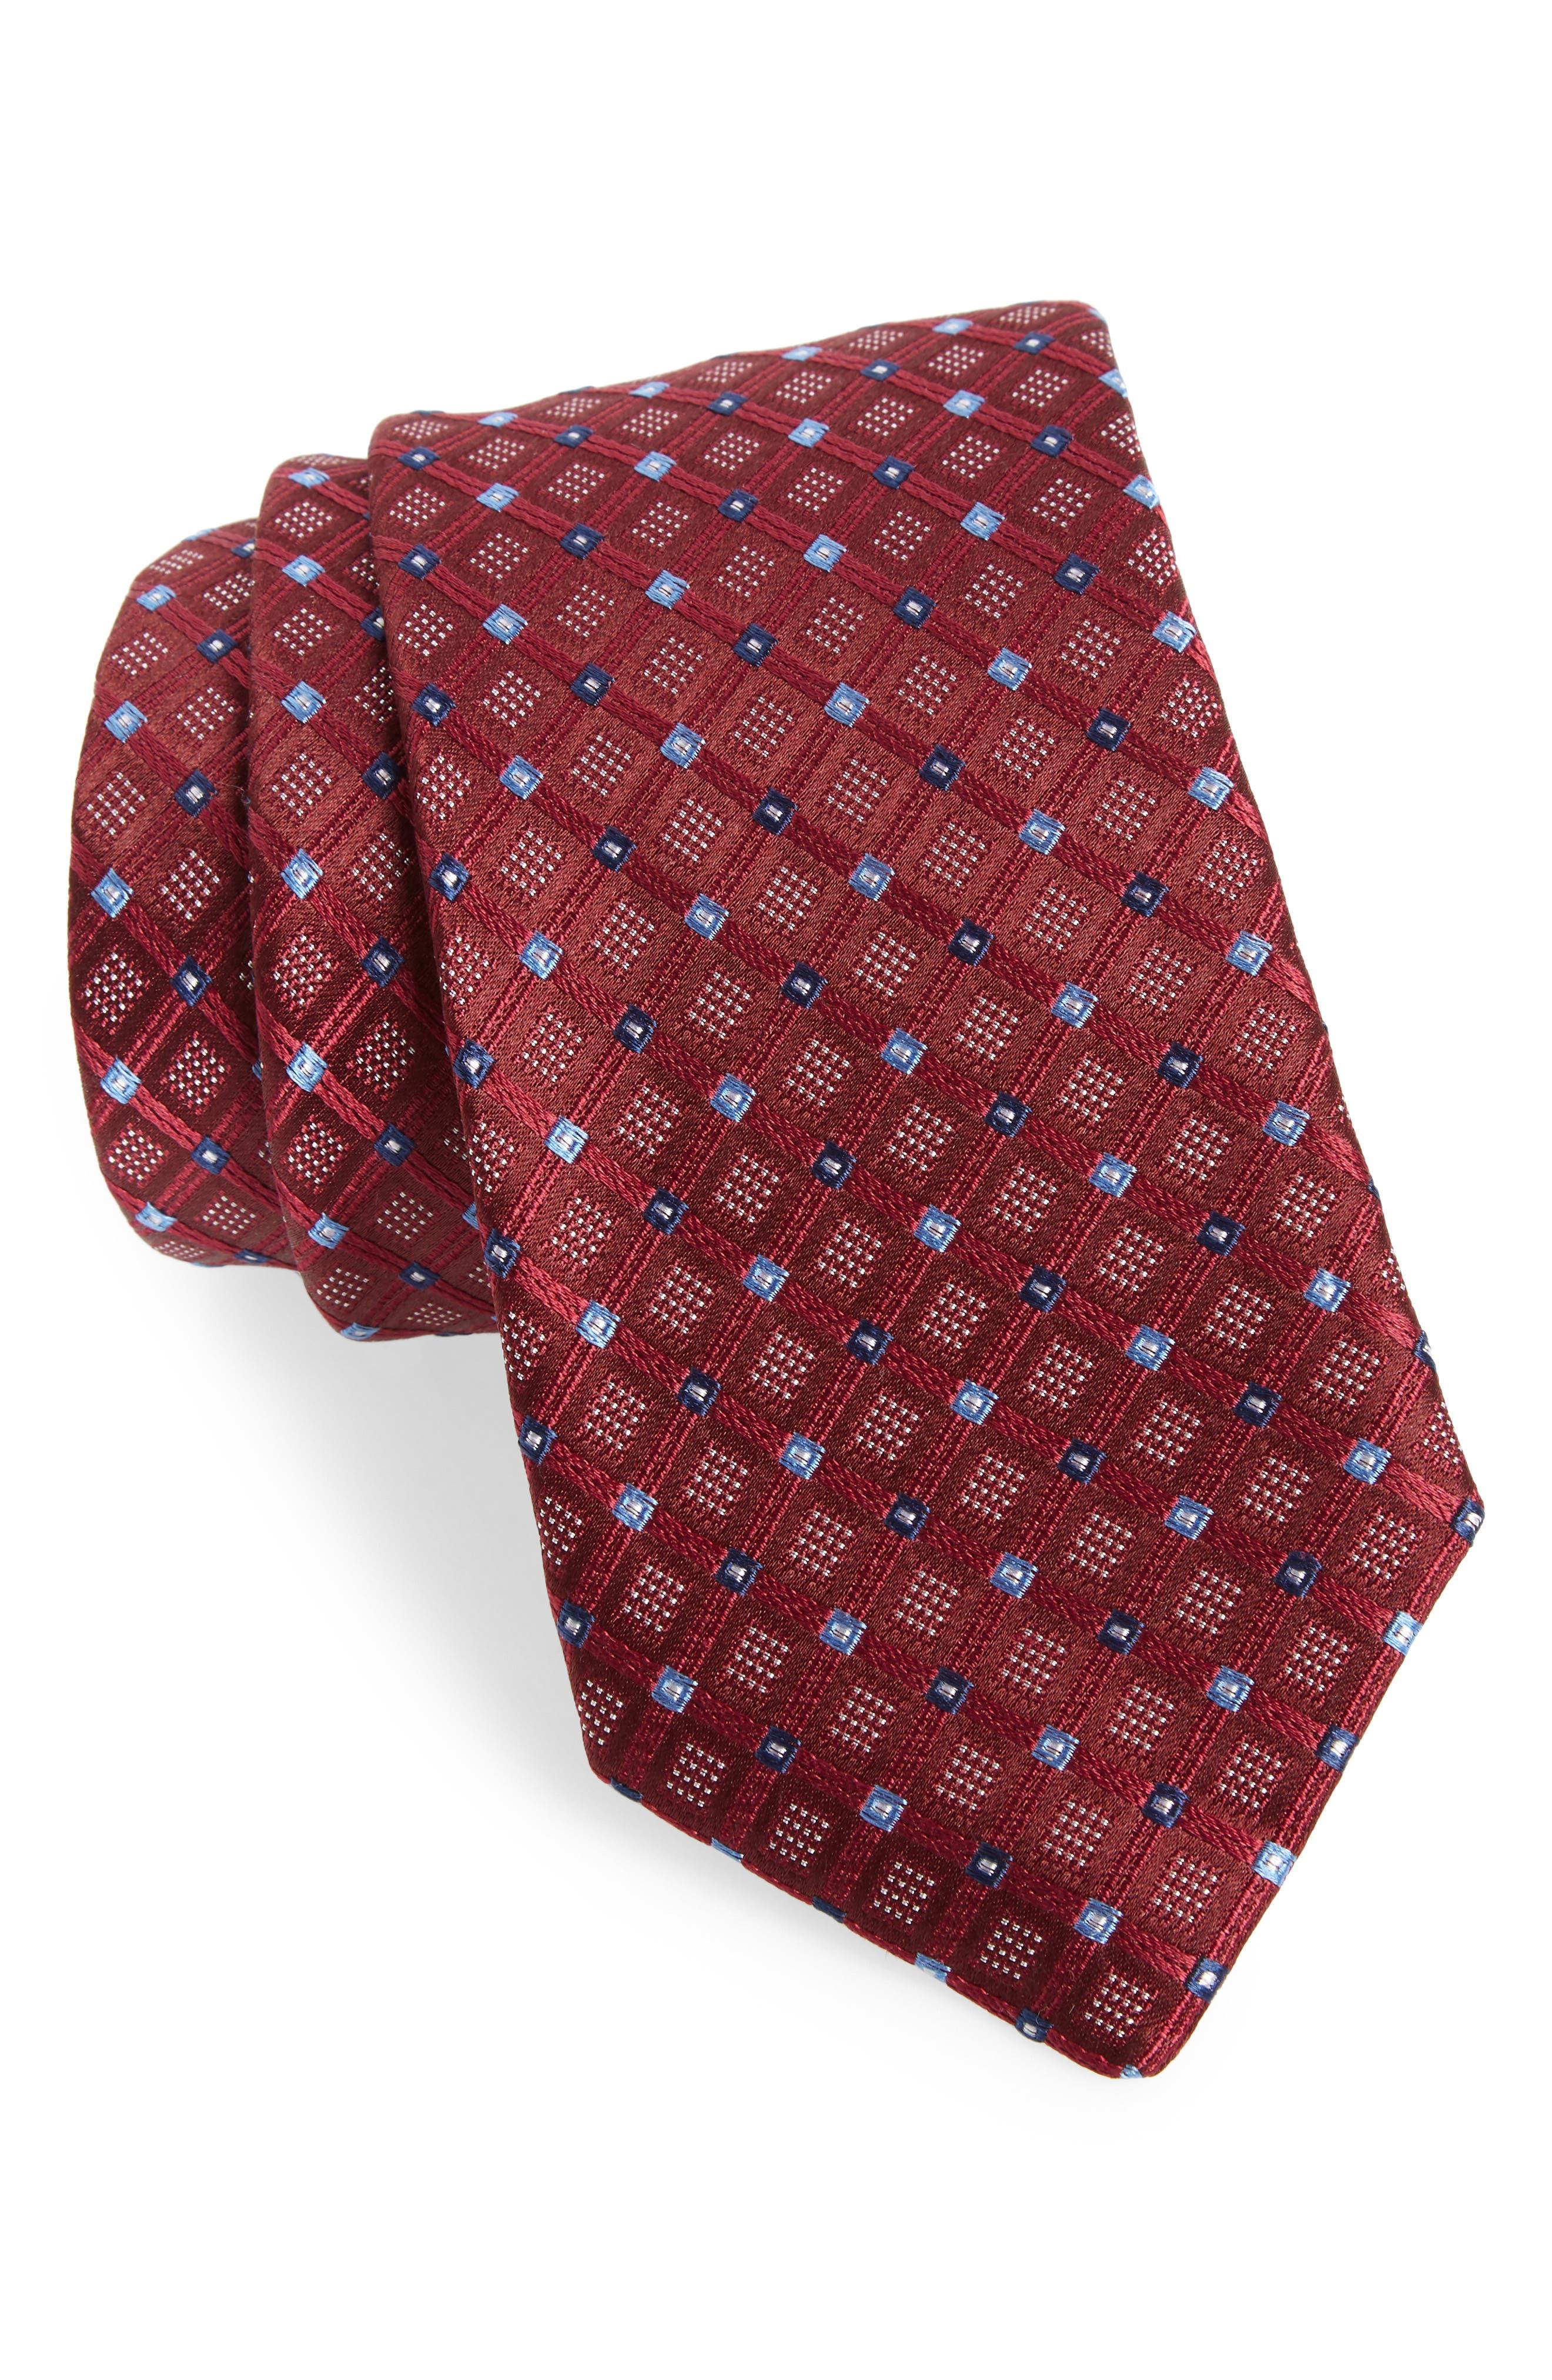 Coventry Check Silk Tie,                         Main,                         color, Wine